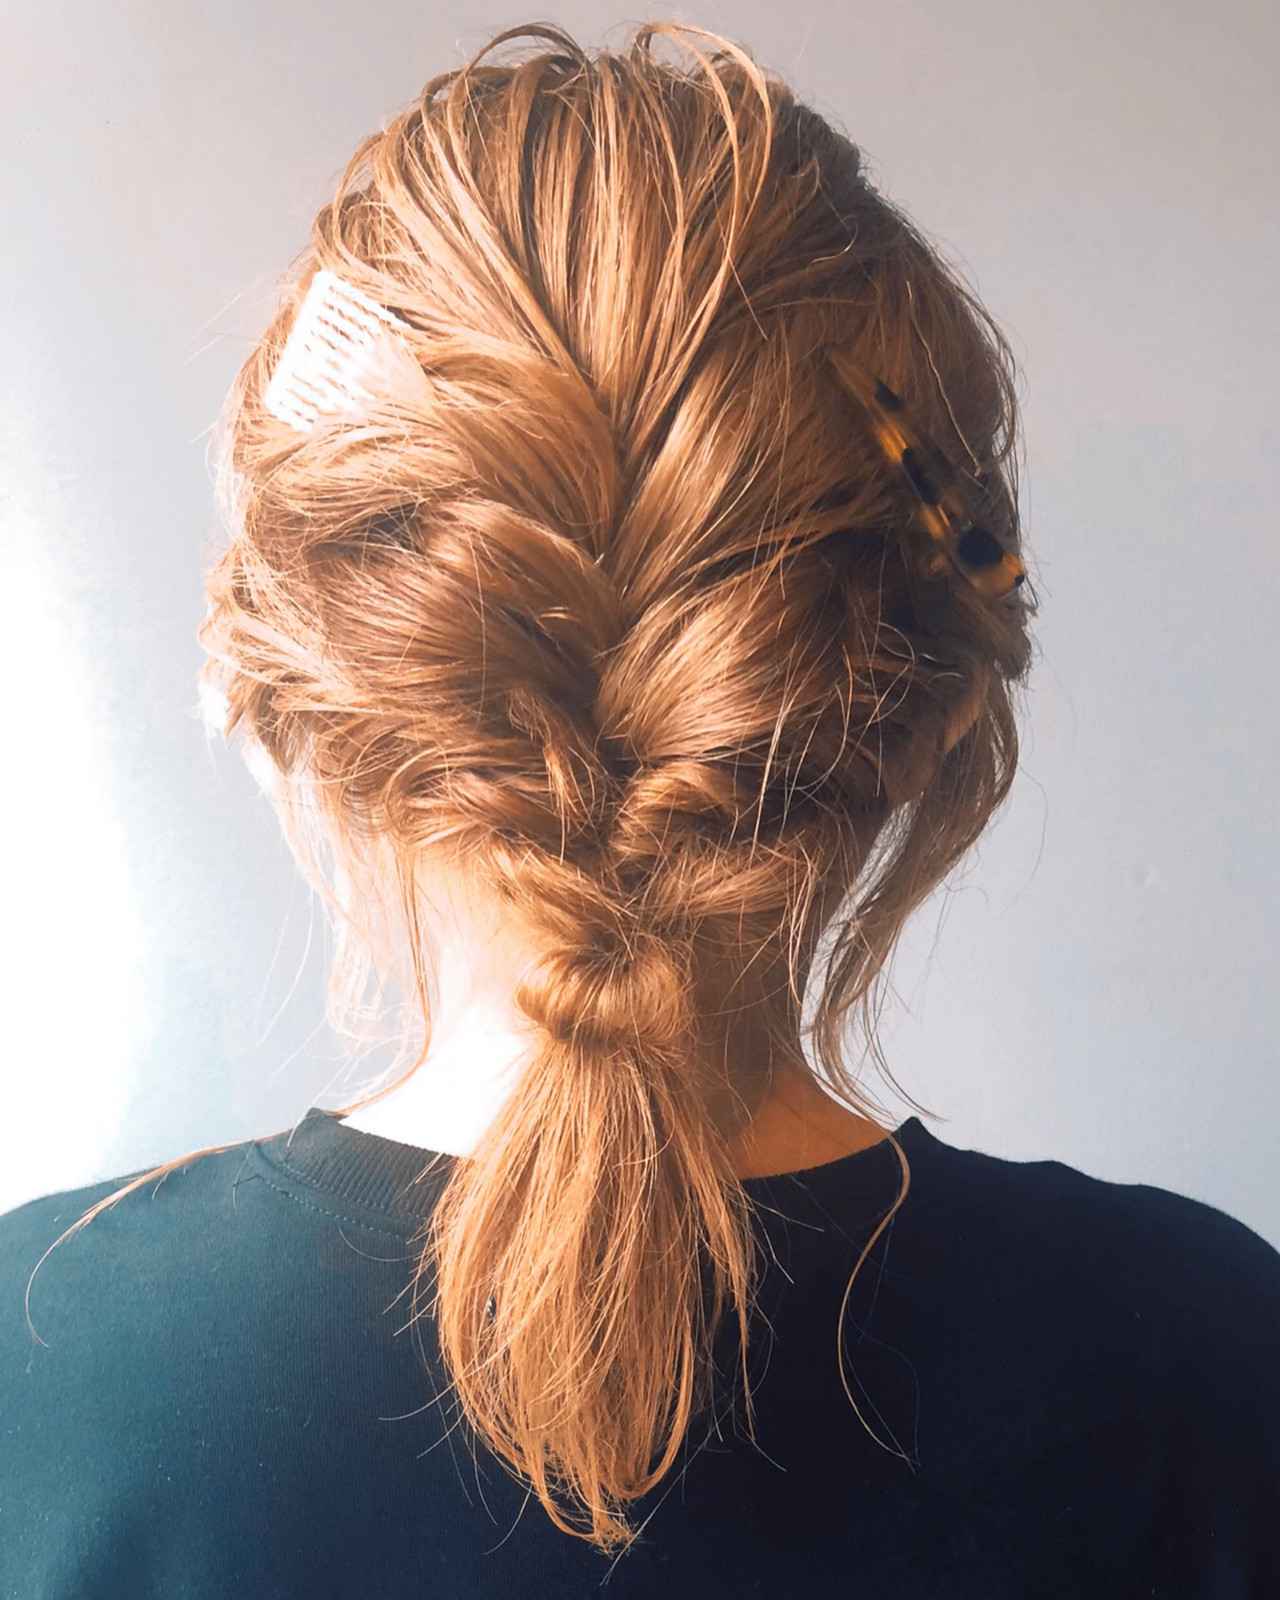 ミディアム 透明感カラー フェミニン 簡単ヘアアレンジ ヘアスタイルや髪型の写真・画像